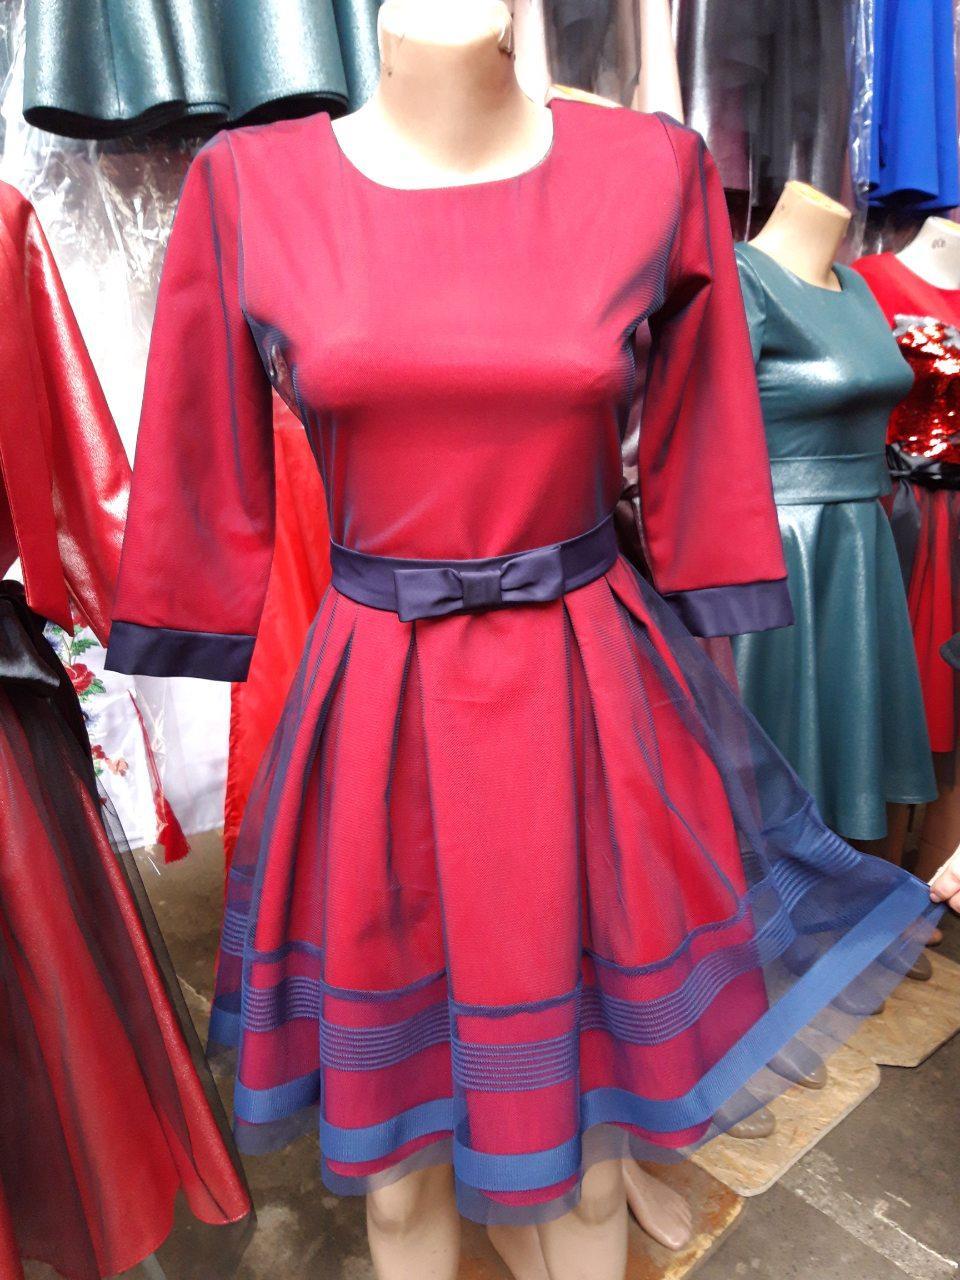 819c7e0843b Нарядное платье для девочки подростка . Размеры 38